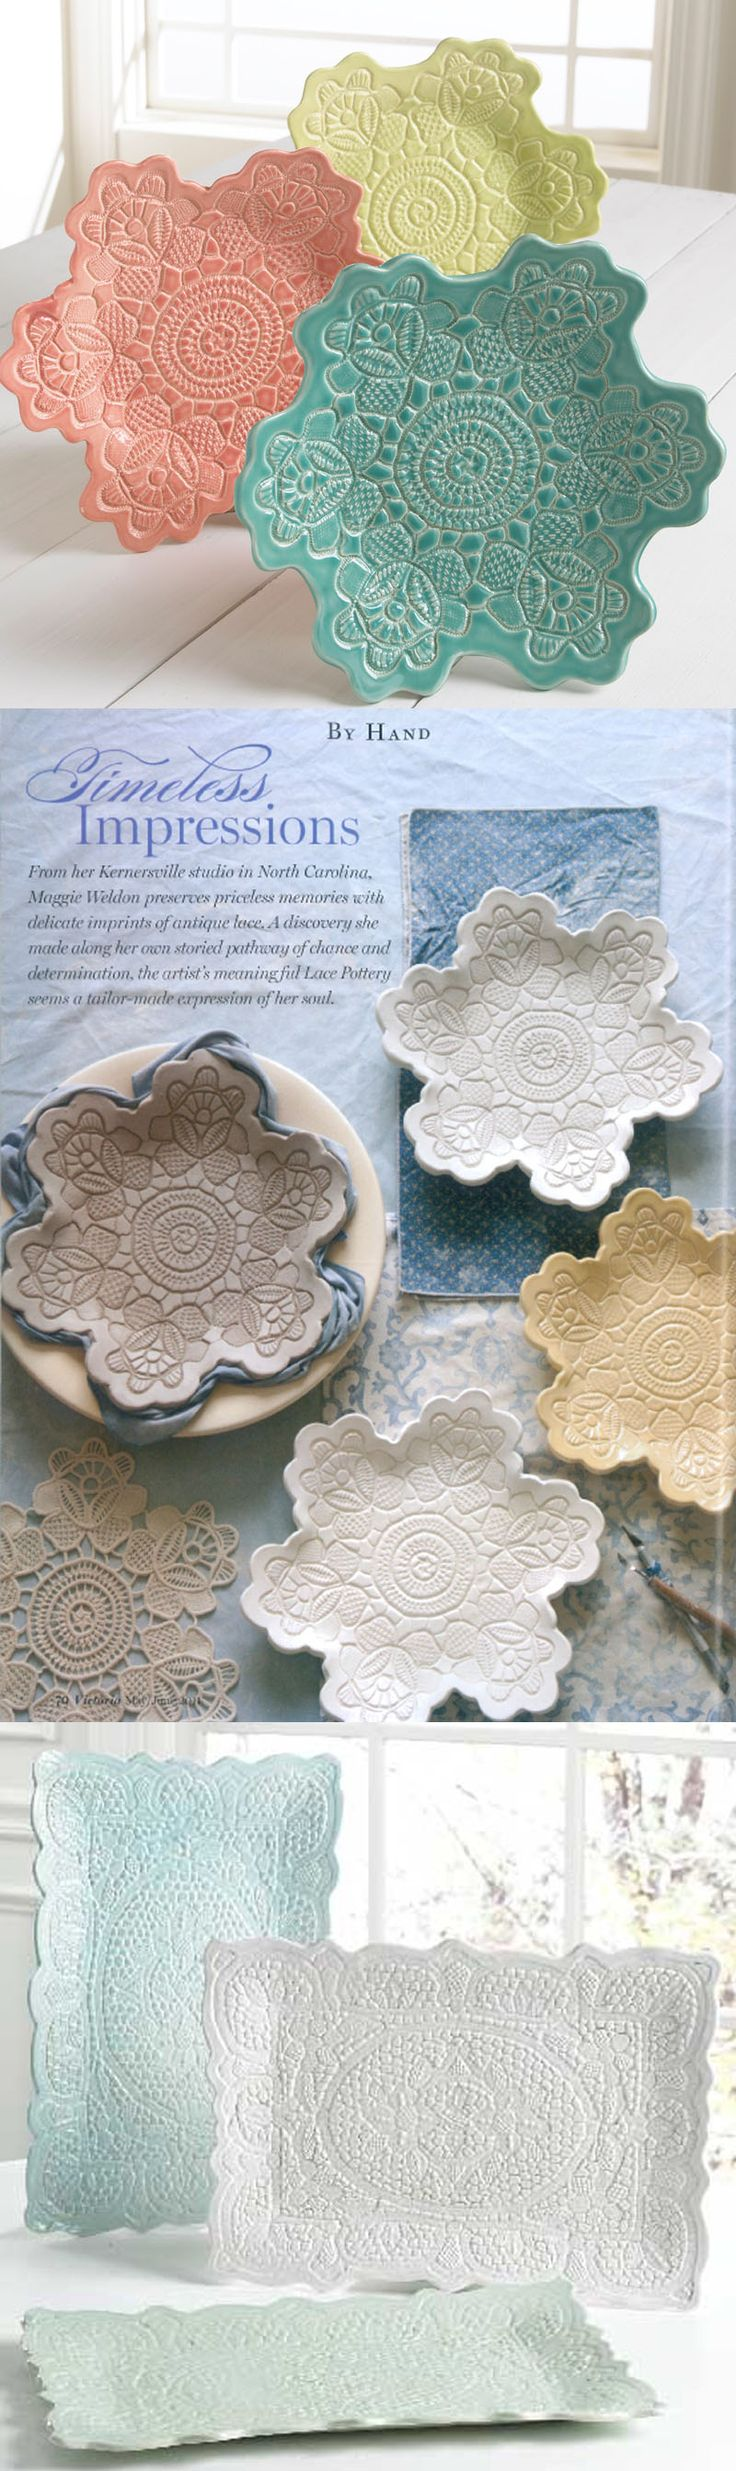 Ceramica de encaje.